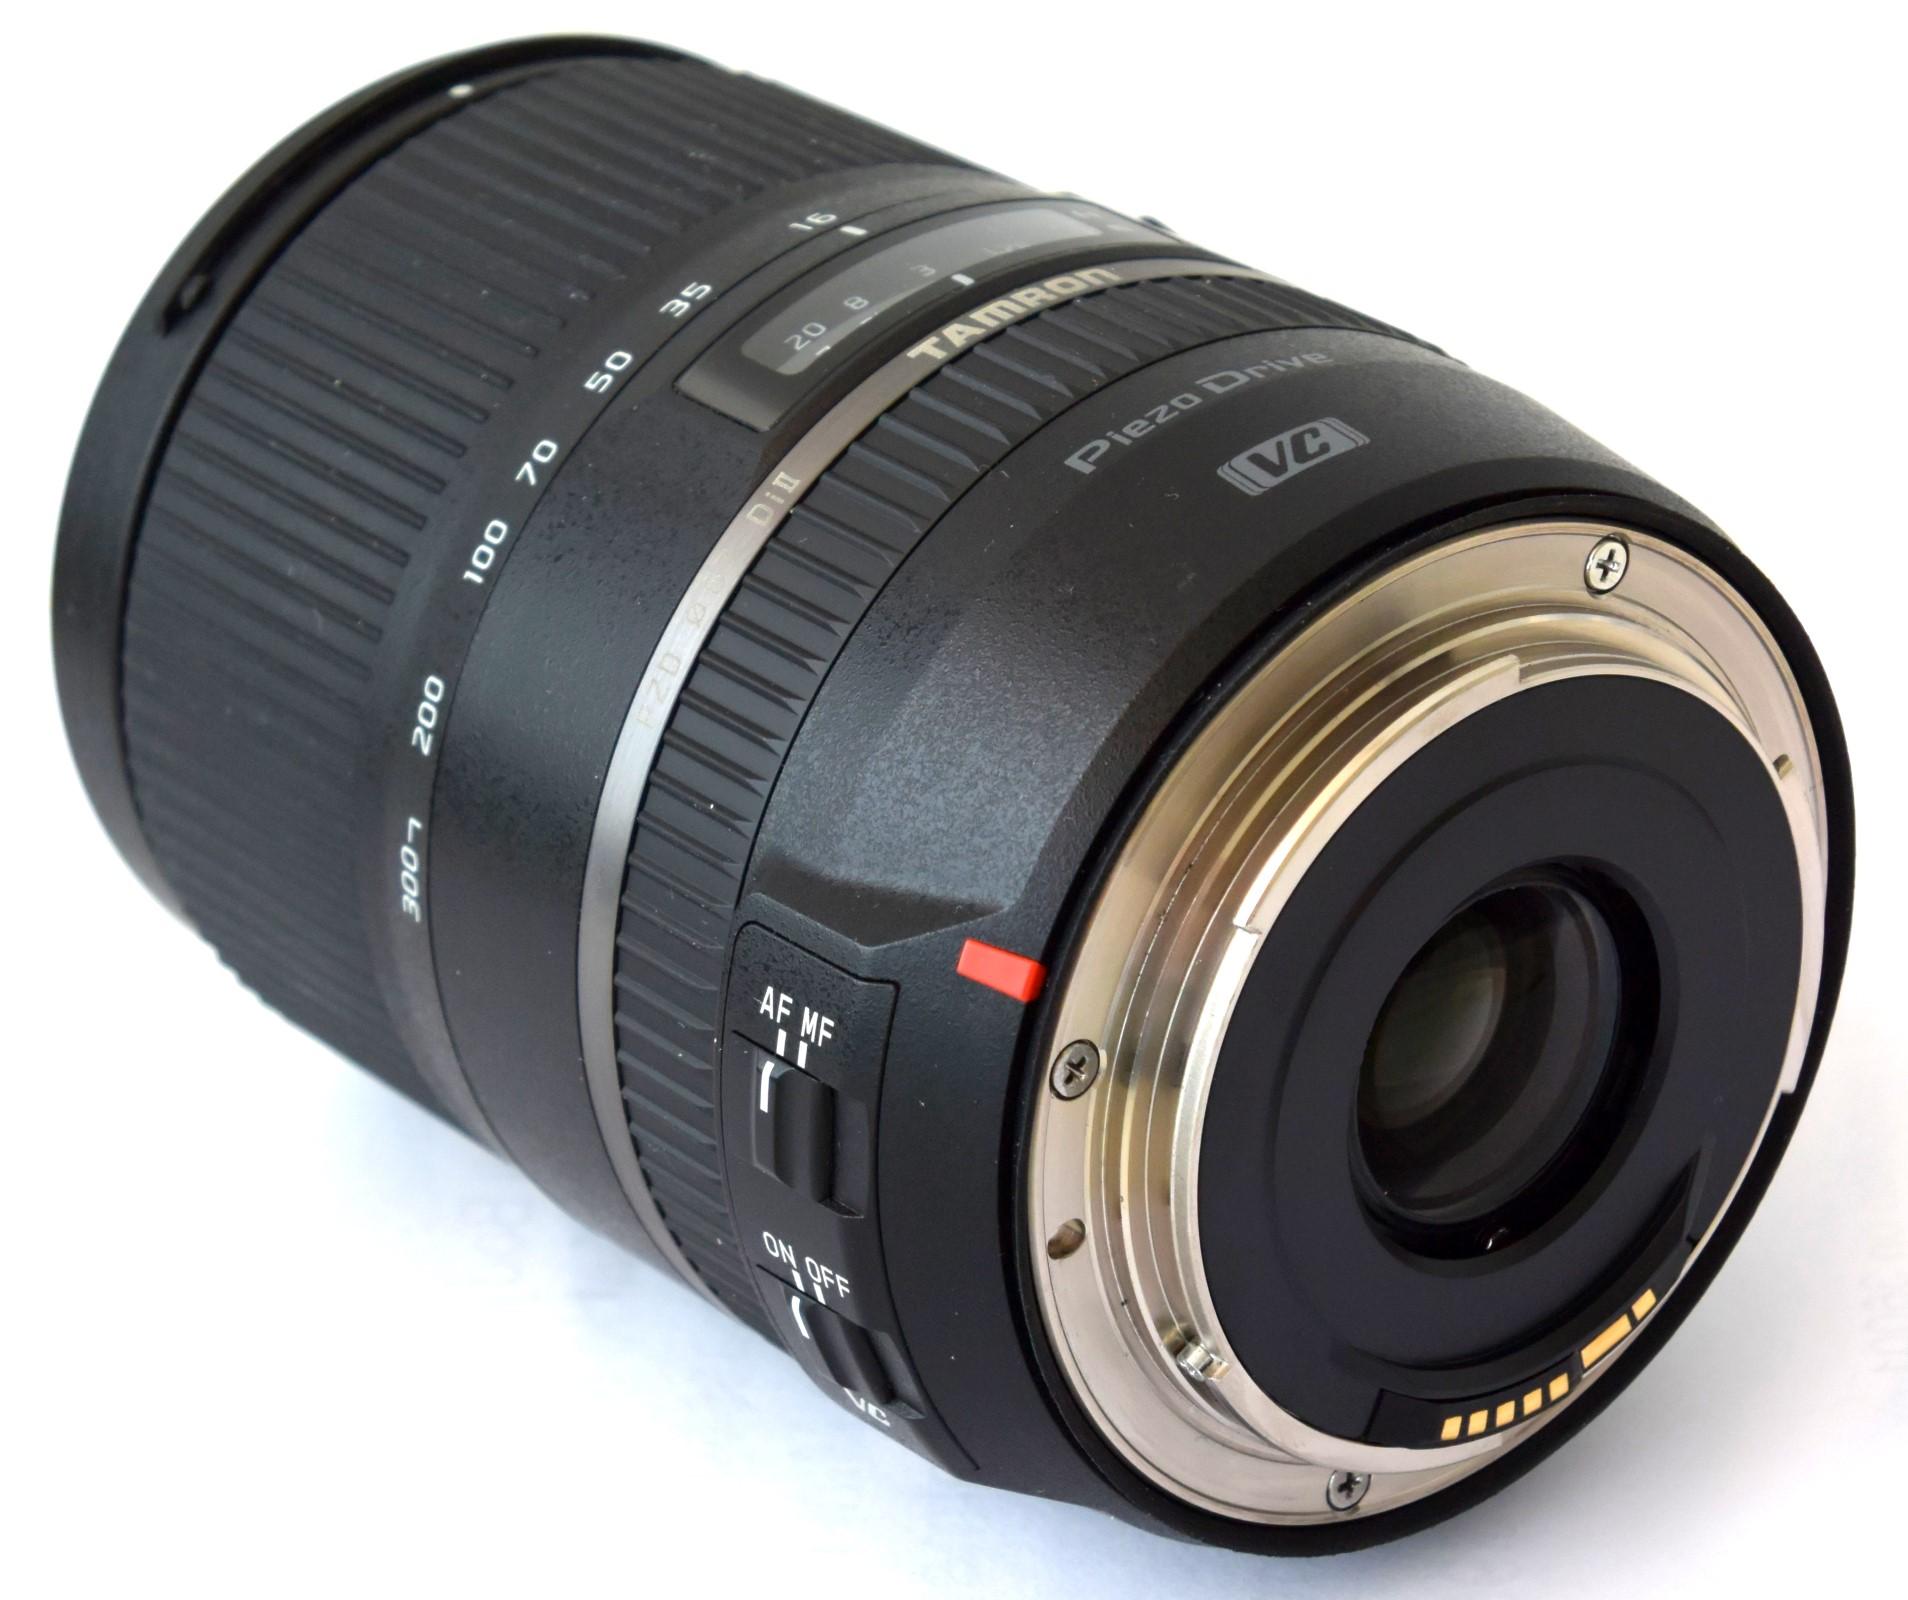 highres-Tamron-16-300mm-f-3-5-6-3-di-ii-vc-pzd-macro-5-Custom_1402141482.jpg